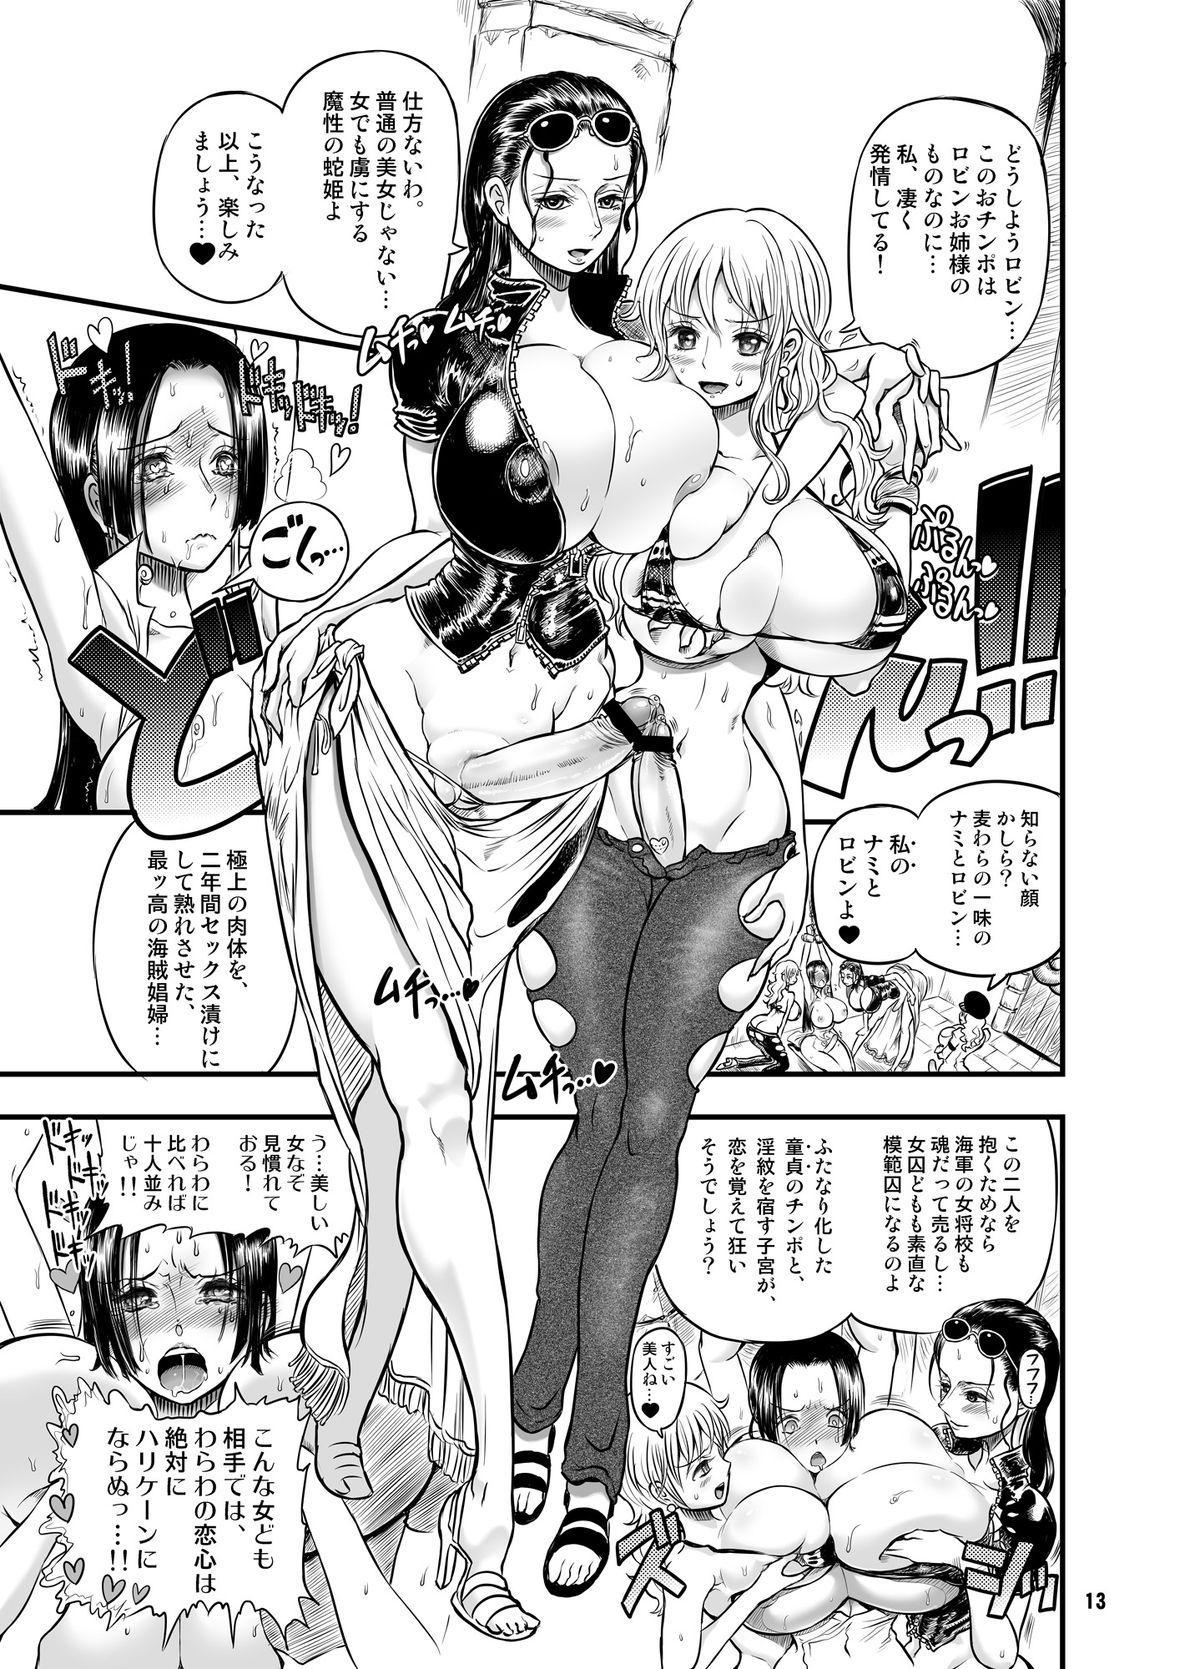 Midarezaki Kaizoku Jotei 12